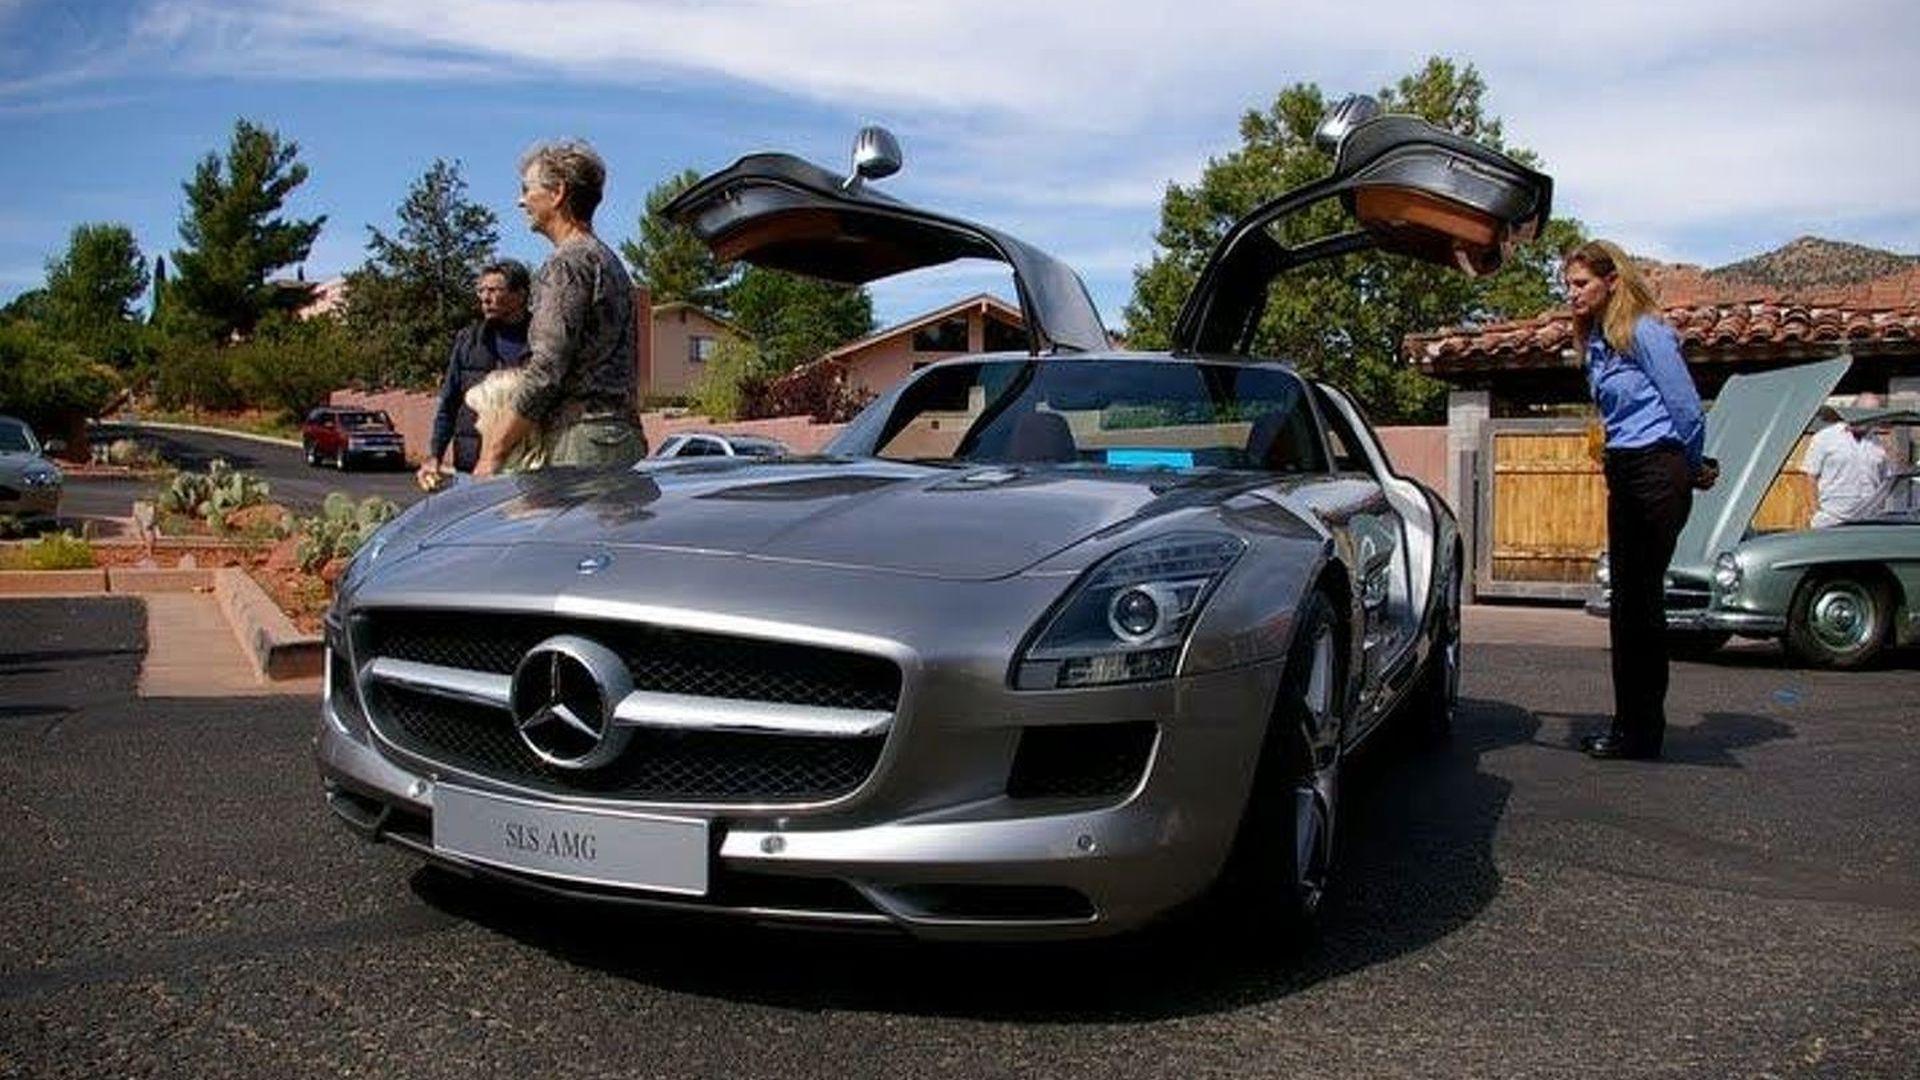 Mercedes SLS AMG Meets its Ancestors